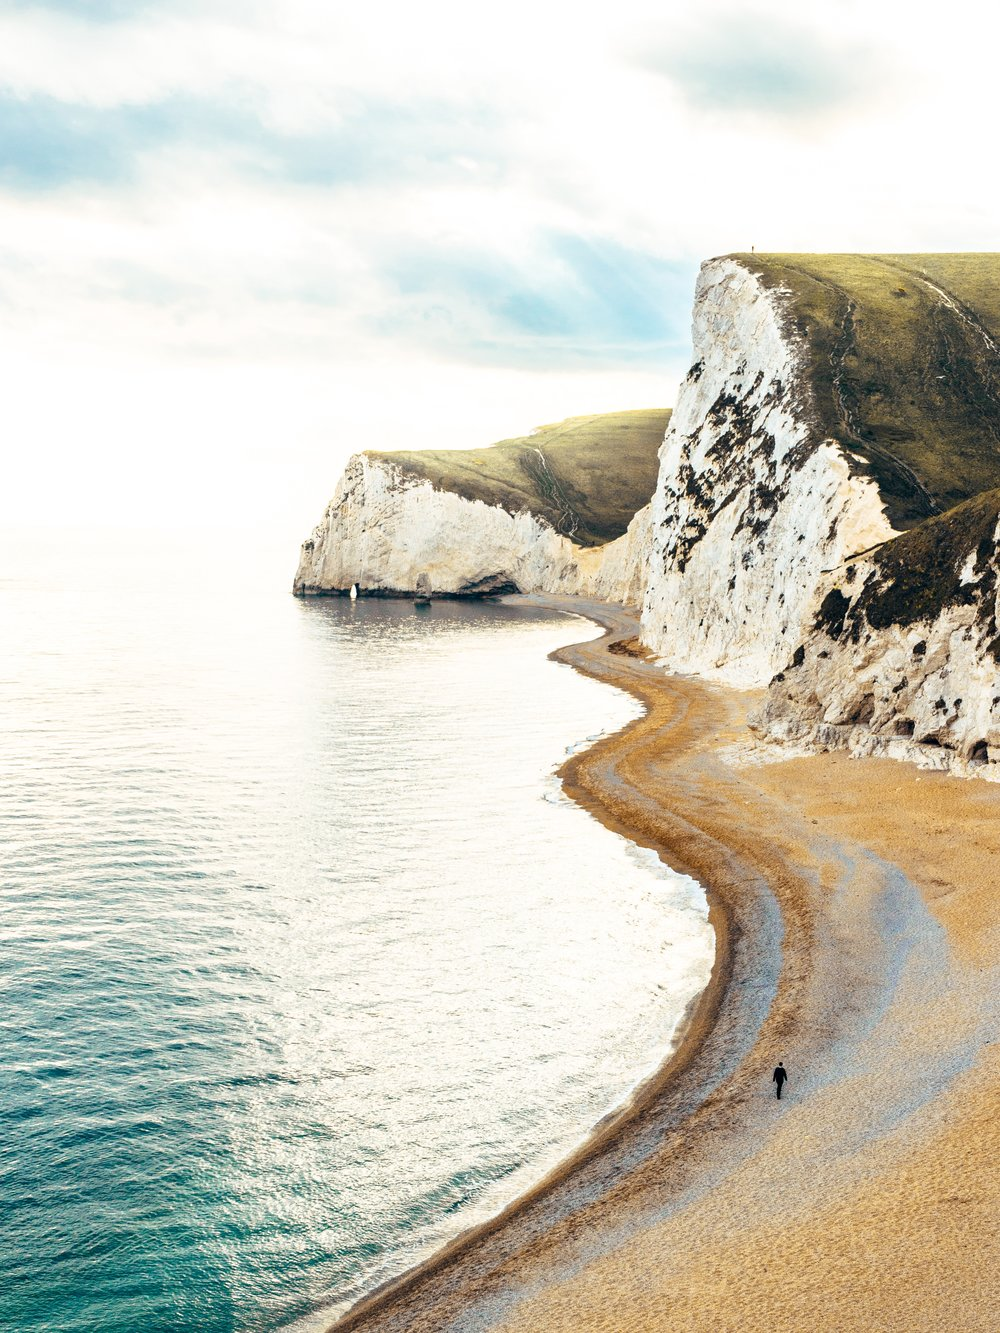 - Gestion des attentes de partenaires – direction des études au National Trust pour créer un plan de gestion du littoral permettant de protéger les dunes à Studland Bay, DorsetRecherche, analyse & synthèse – analyse des courants marins et des couches de sédiments sur les sites de forage le long de la côte du Dorset, pour le compte de BP (logiciel de cartographie SIG)